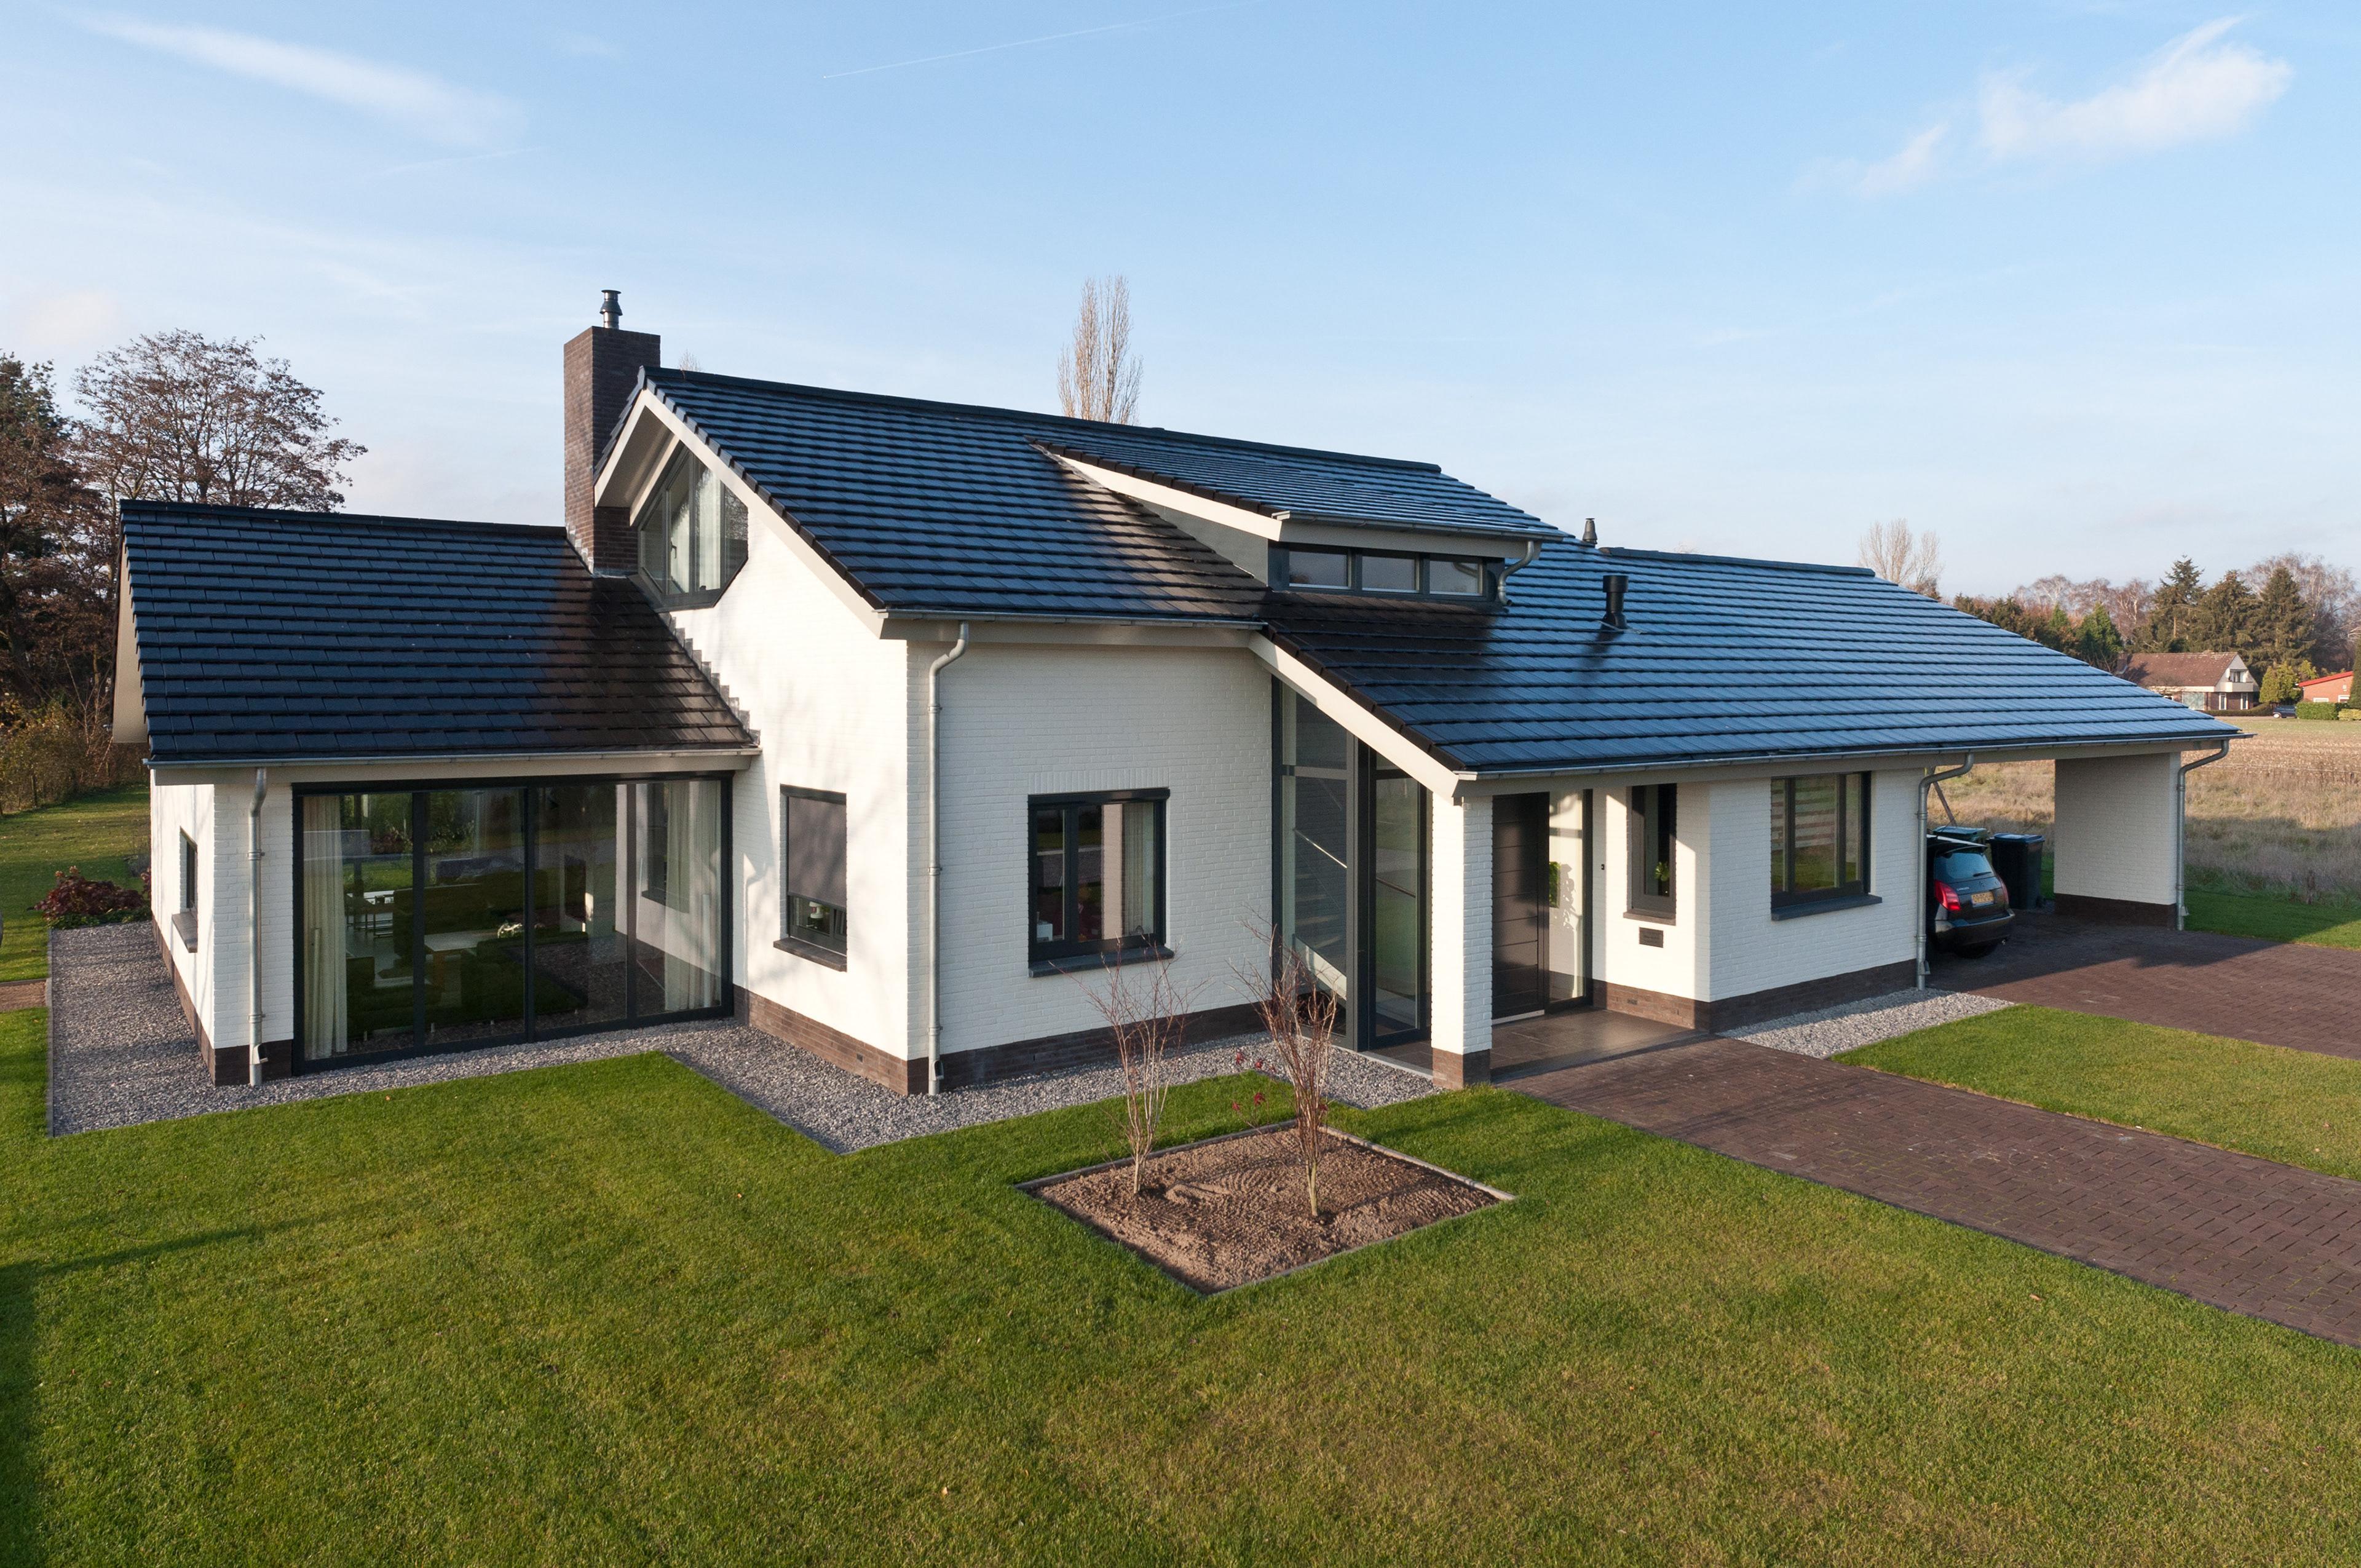 nabij in het centrum van beek bergh hebben we een modern landhuis ontworpen de zorgvuldige detaillering en materialisering is het interieur doorgezet